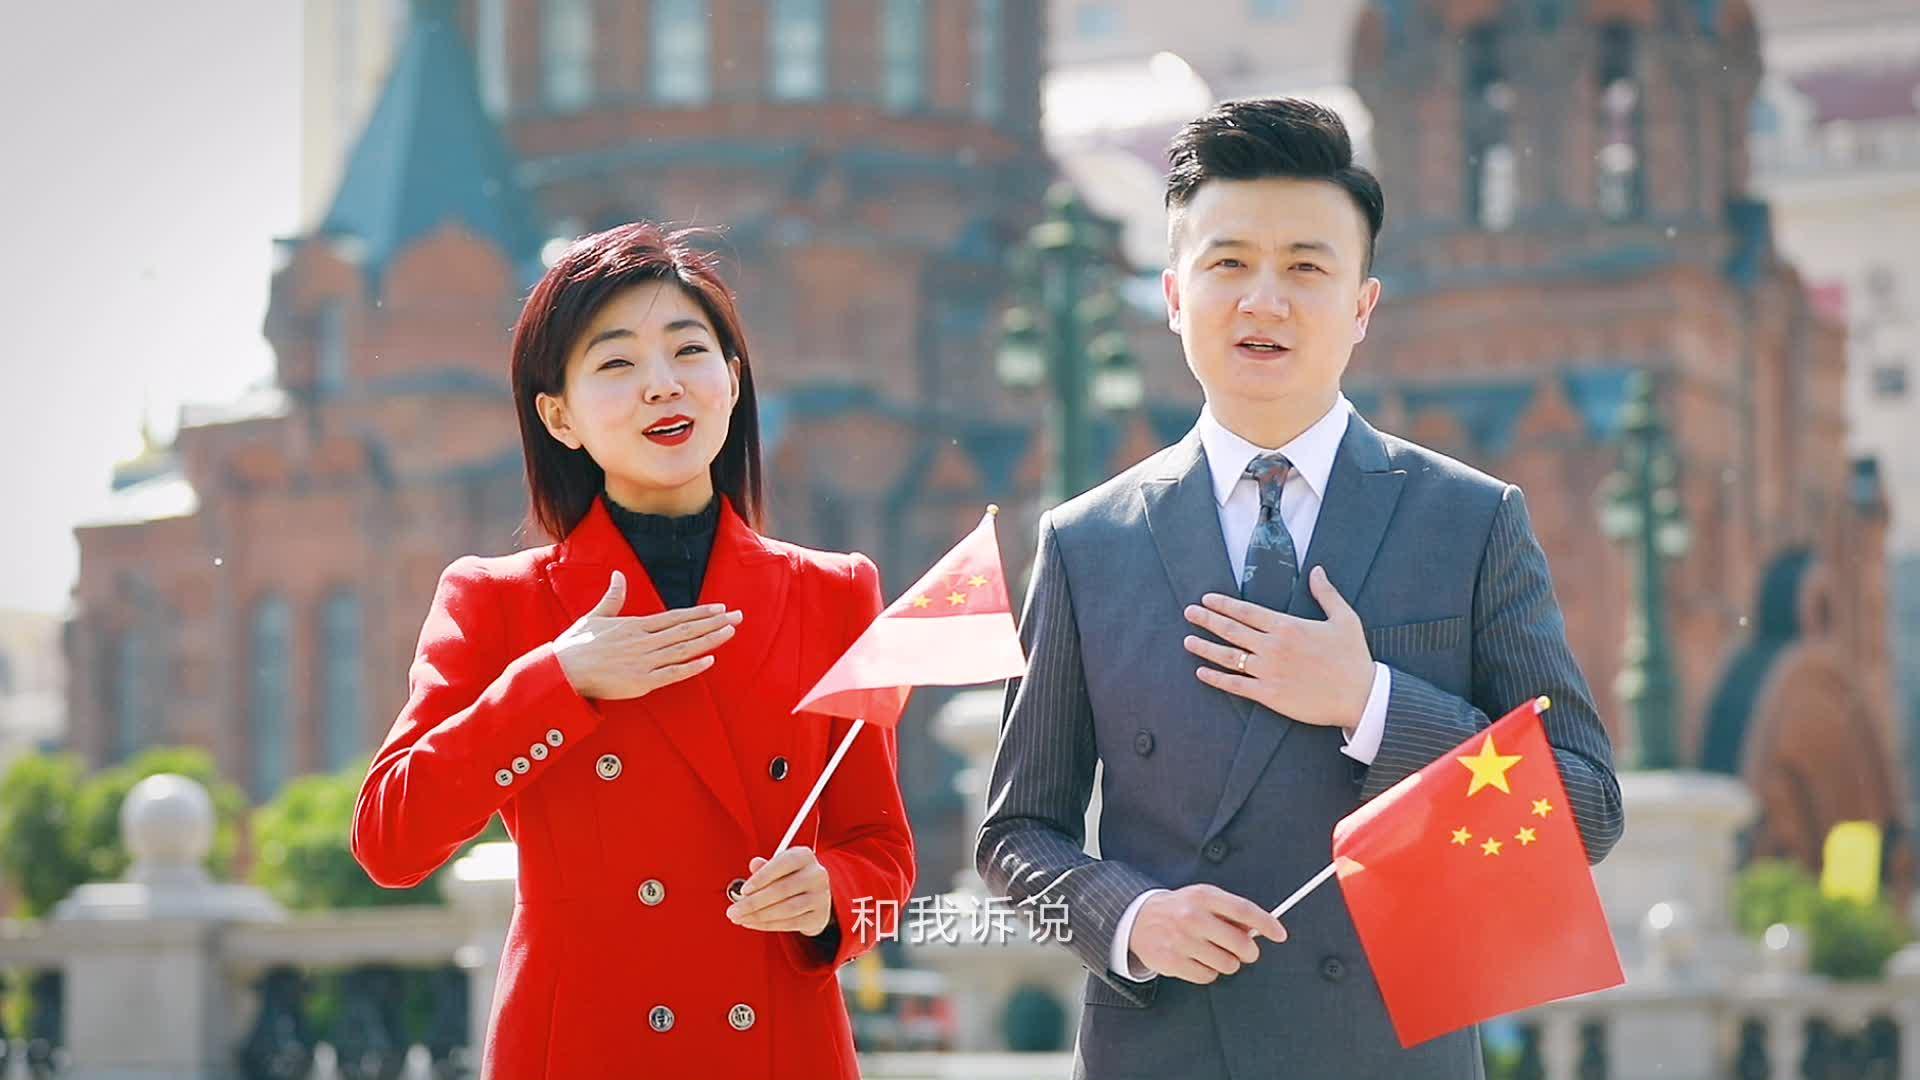 壮美北国风光 黑龙江新闻工作者放声歌唱《我和我的祖国》